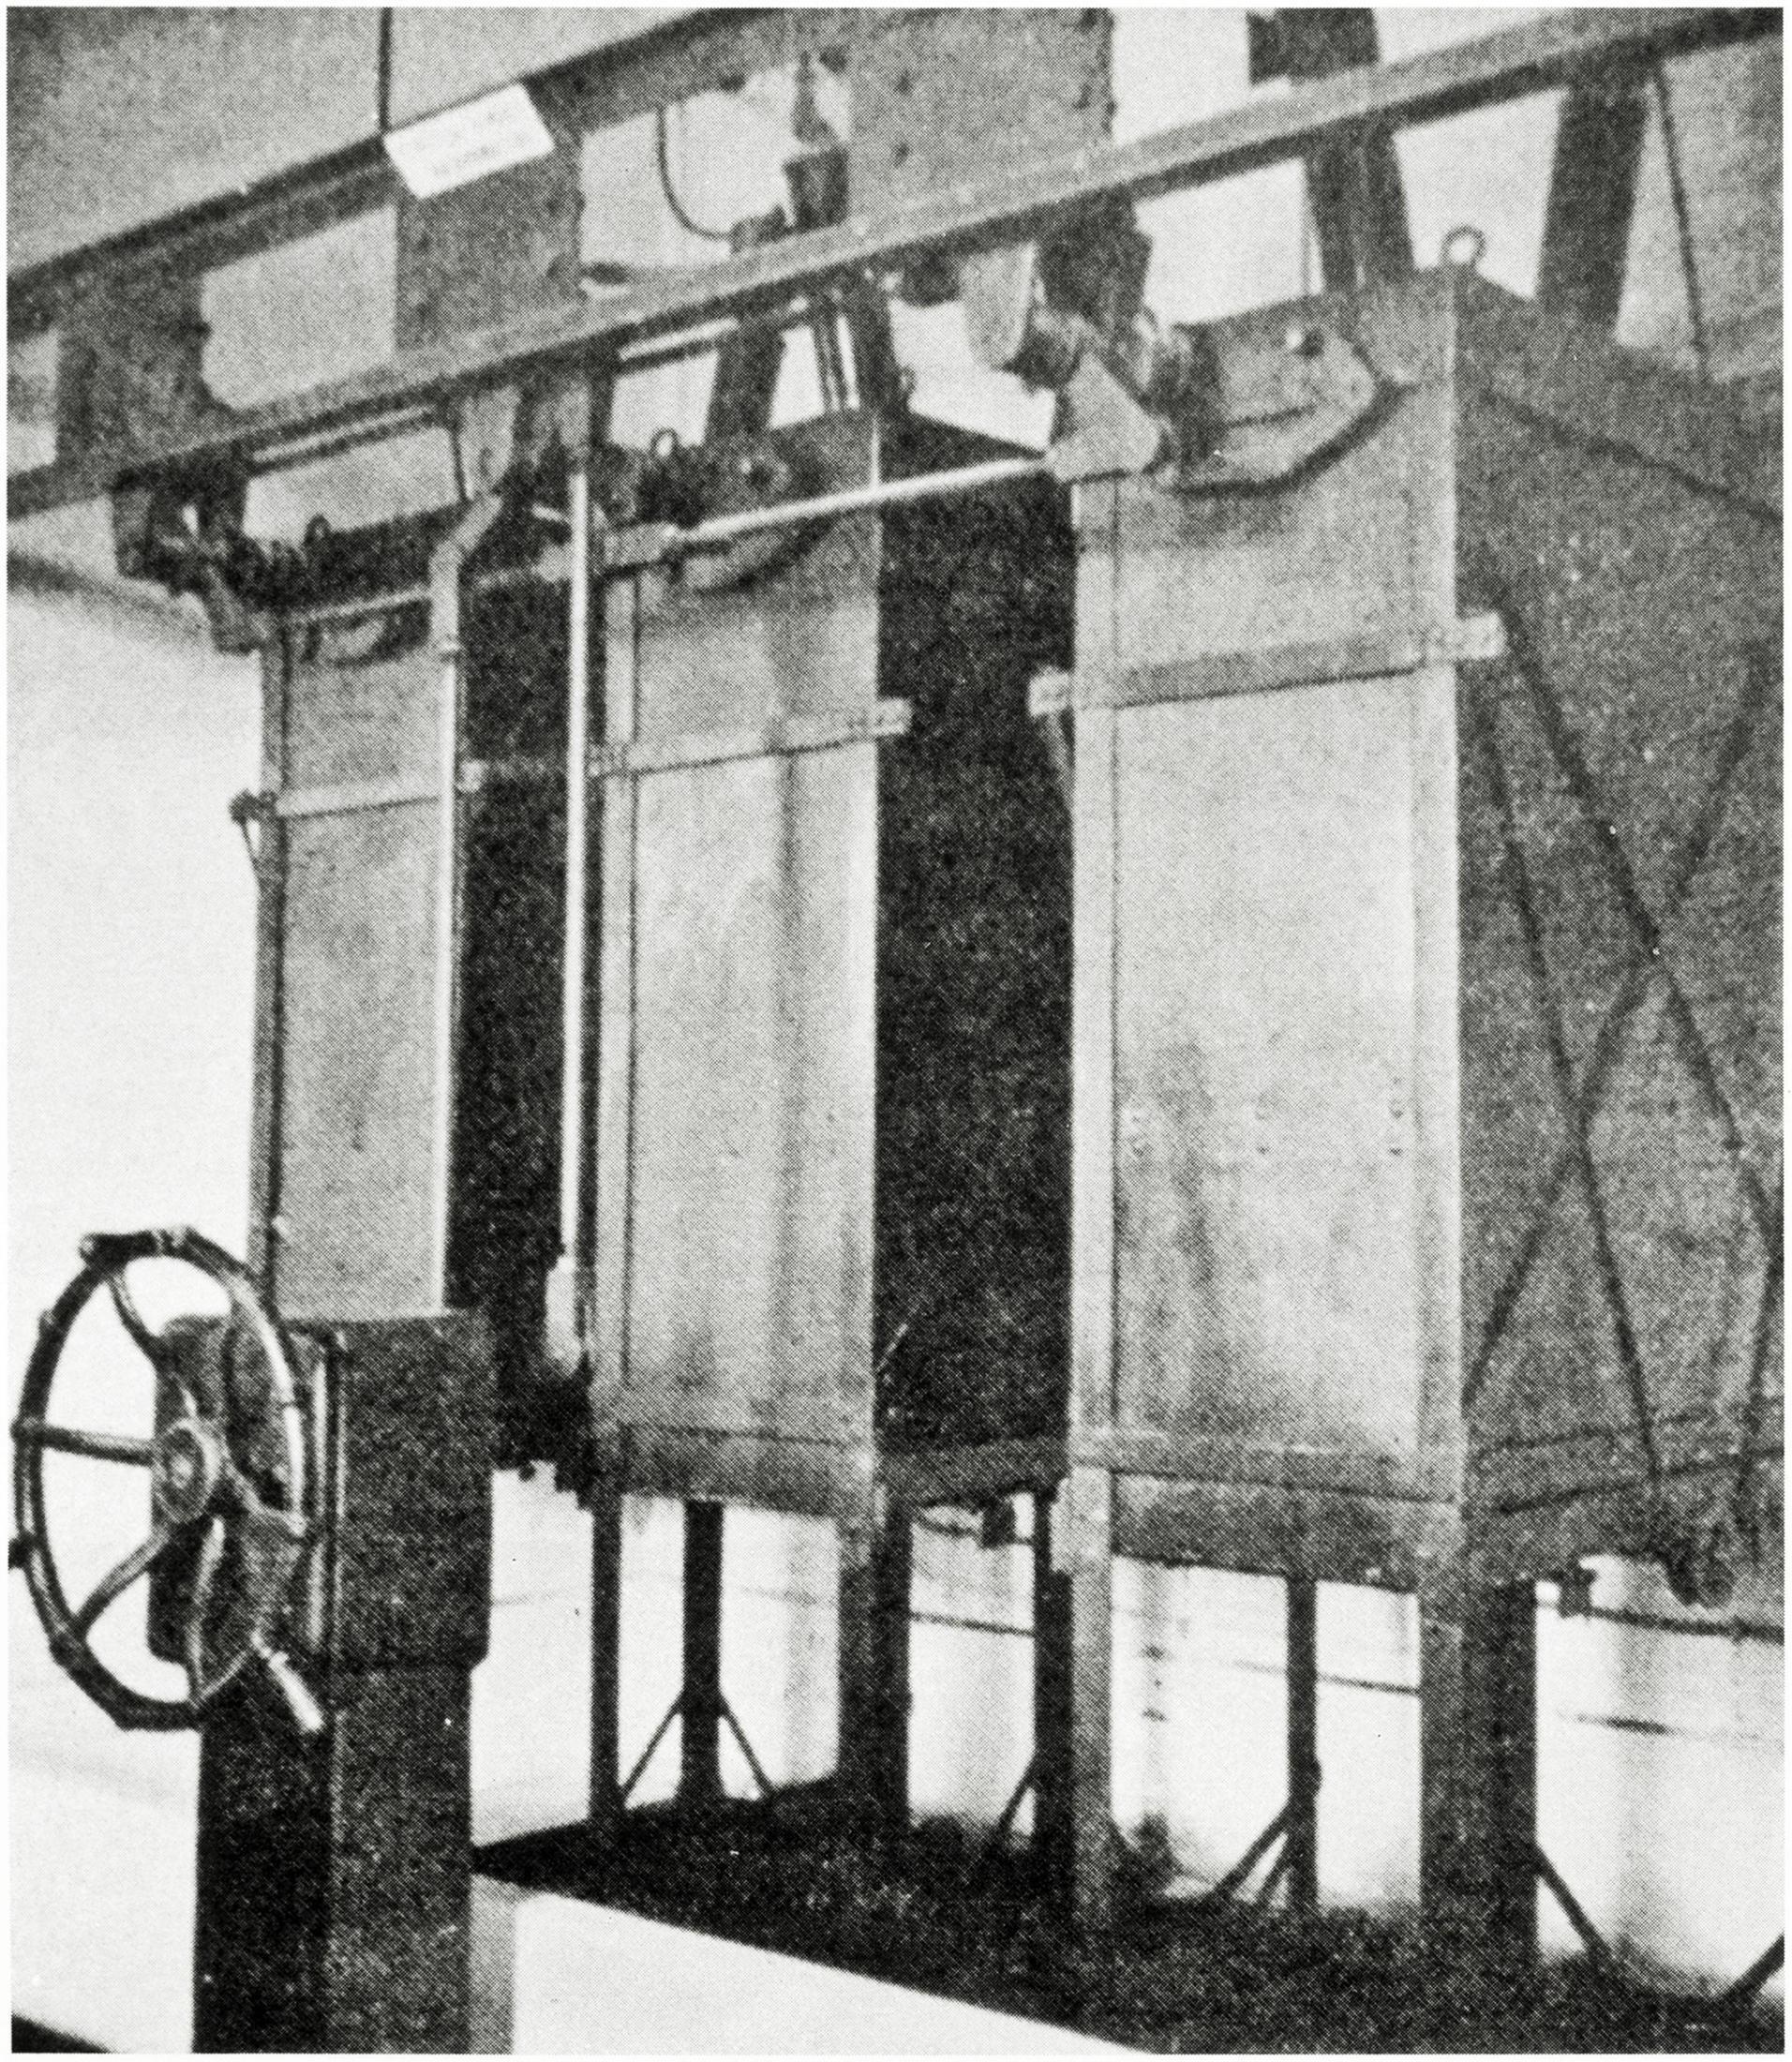 Officine Galileo di Firenze, interruttore a grande volume d'olio in casse separate per 50 KV (1926).